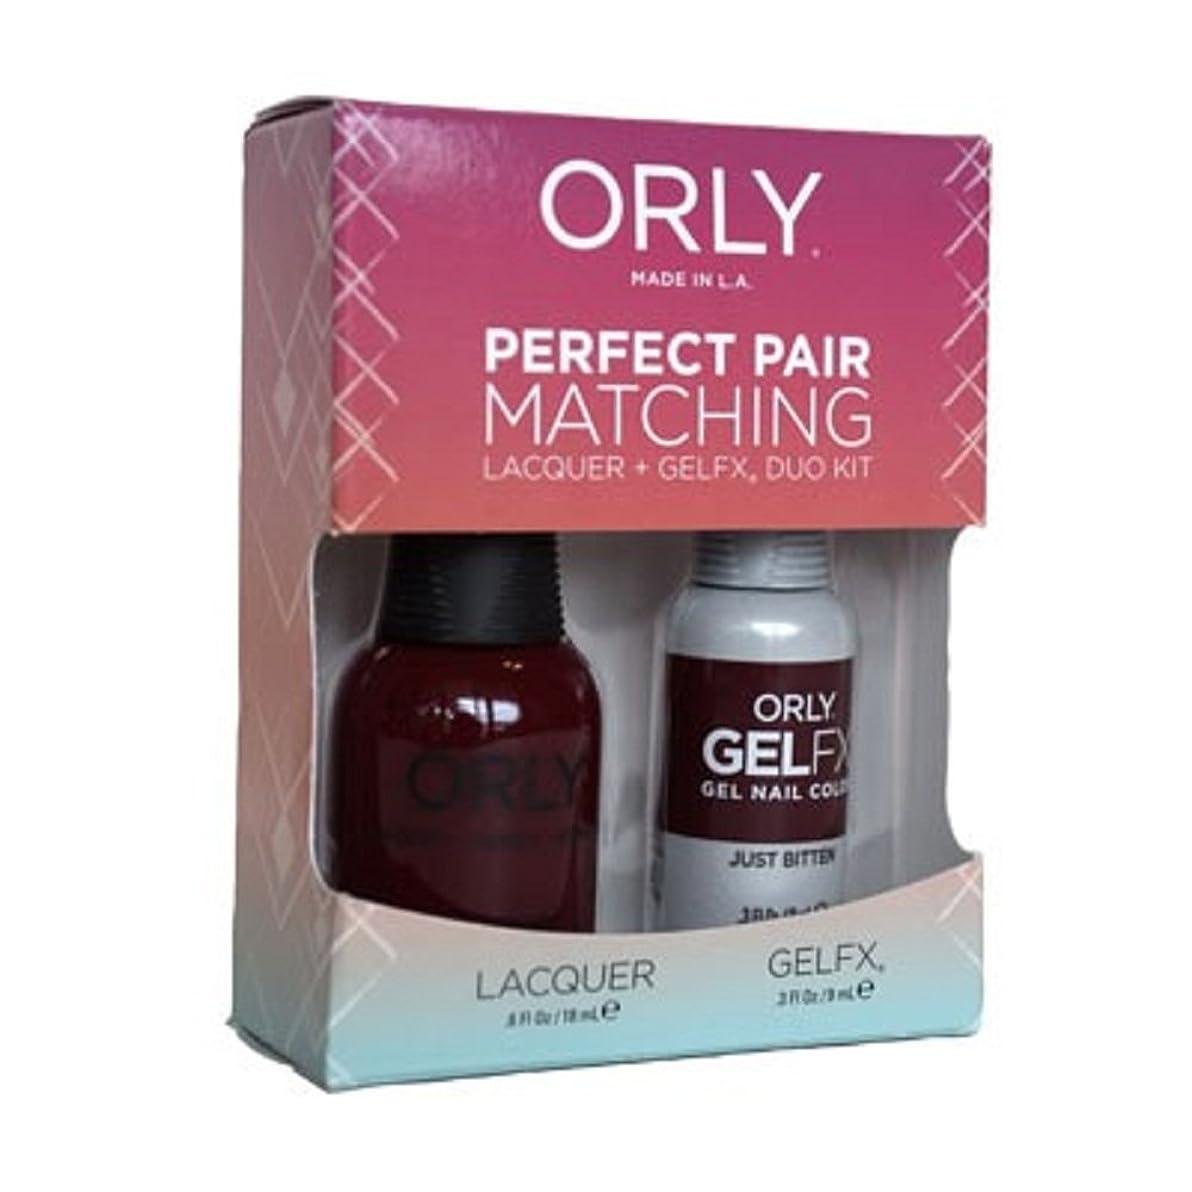 膜結び目分割Orly - Perfect Pair Matching Lacquer+Gel FX Kit - Just Bitten - 0.6 oz / 0.3 oz